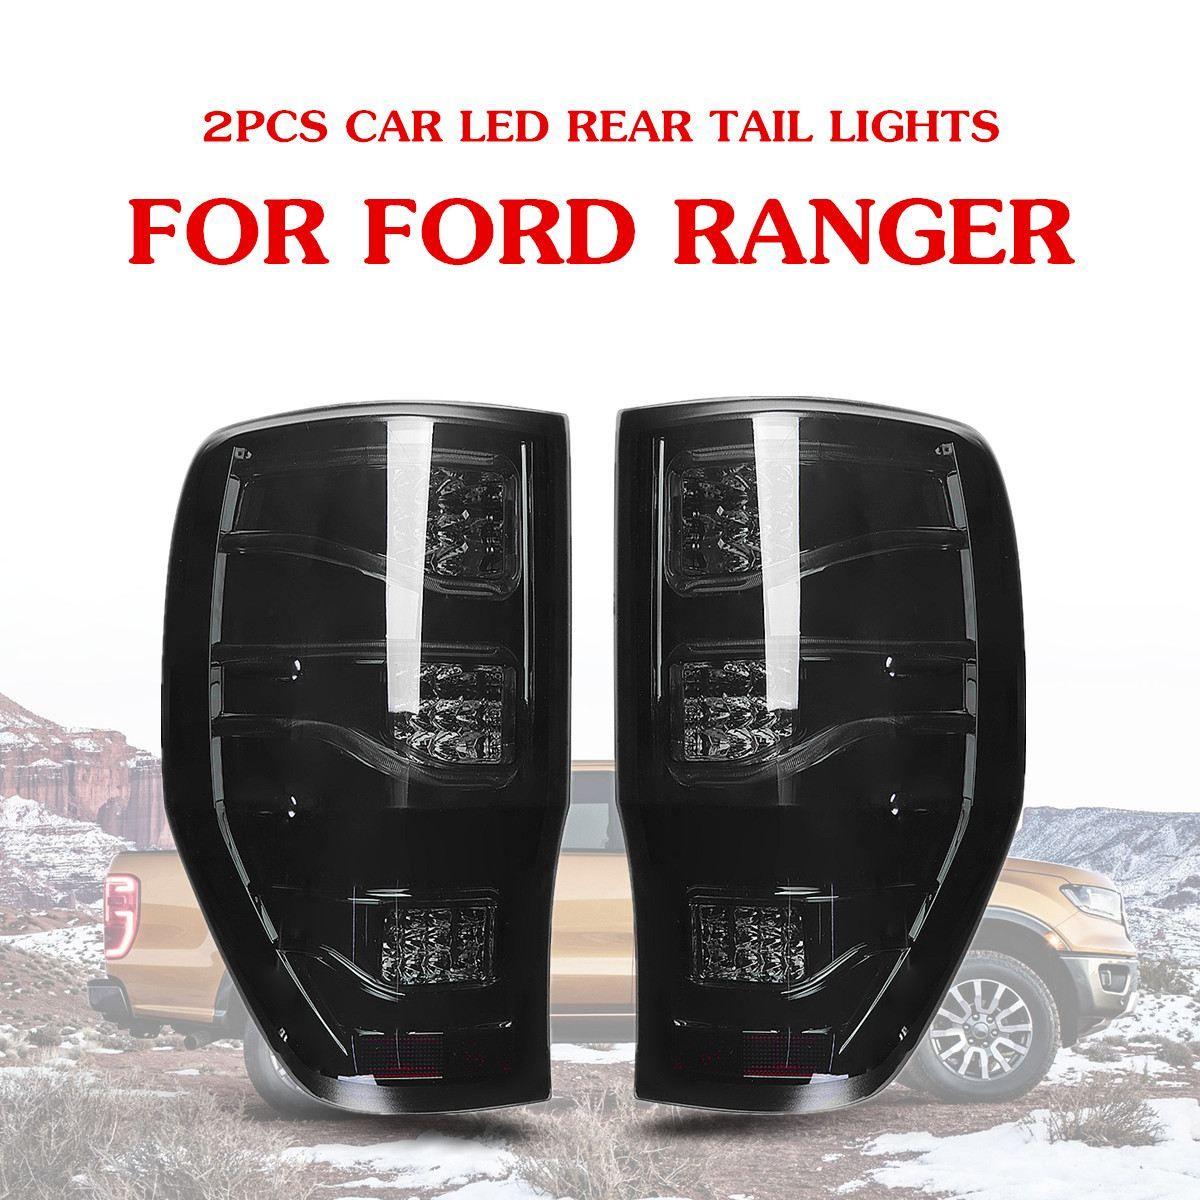 Autoleader 2 Pcs Smoked Auto Auto LED Rück Rückleuchten Brems Lampen für Ford Ranger 2012-2018 ABS Licht größe Ca. 27x43 cm